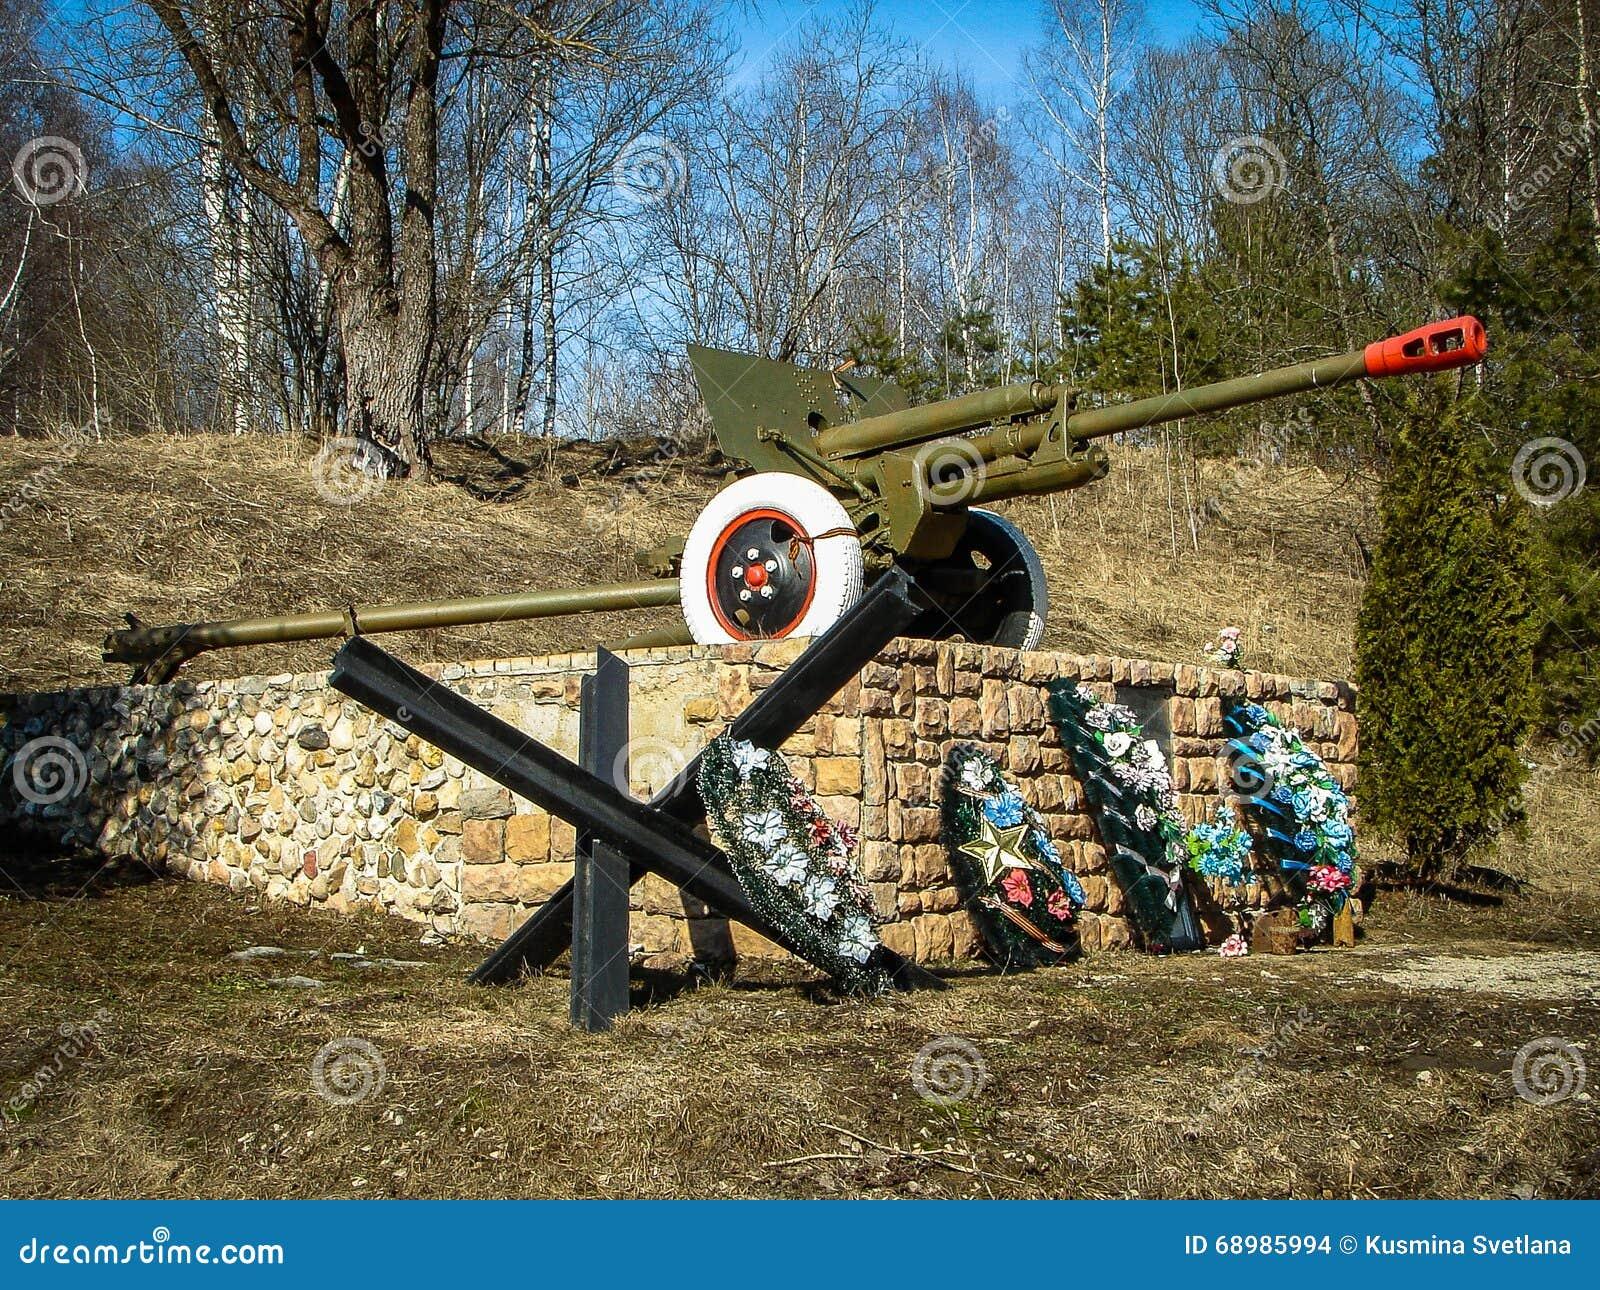 El monumento a los defensores de la patria en la guerra mundial 2 en la región de Kaluga (Rusia)